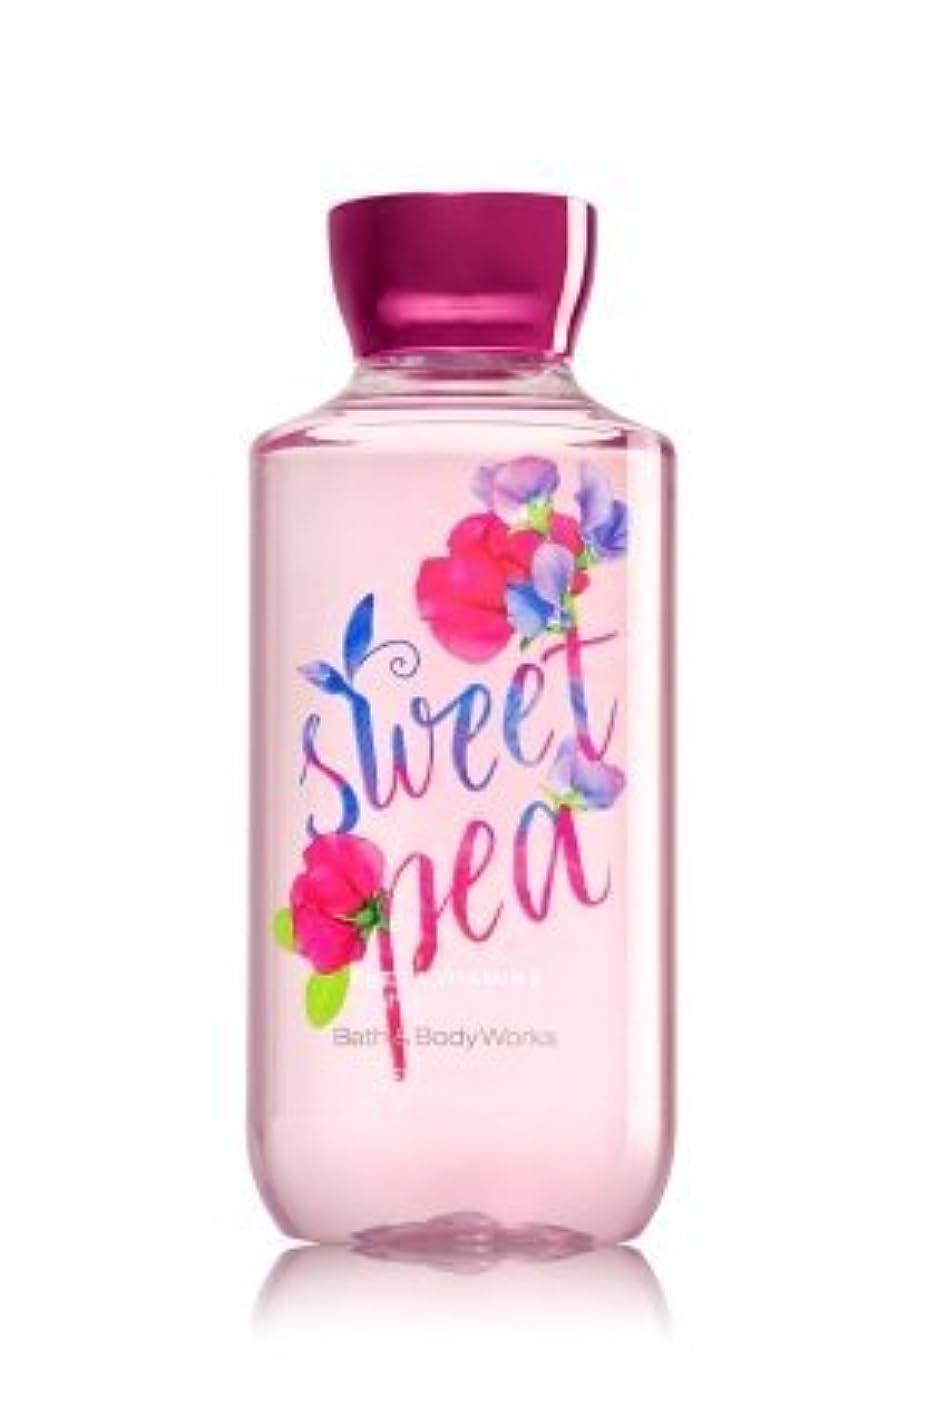 未接続多様性叫び声【Bath&Body Works/バス&ボディワークス】 シャワージェル スイートピー Shower Gel Sweet Pea 10 fl oz / 295 mL [並行輸入品]